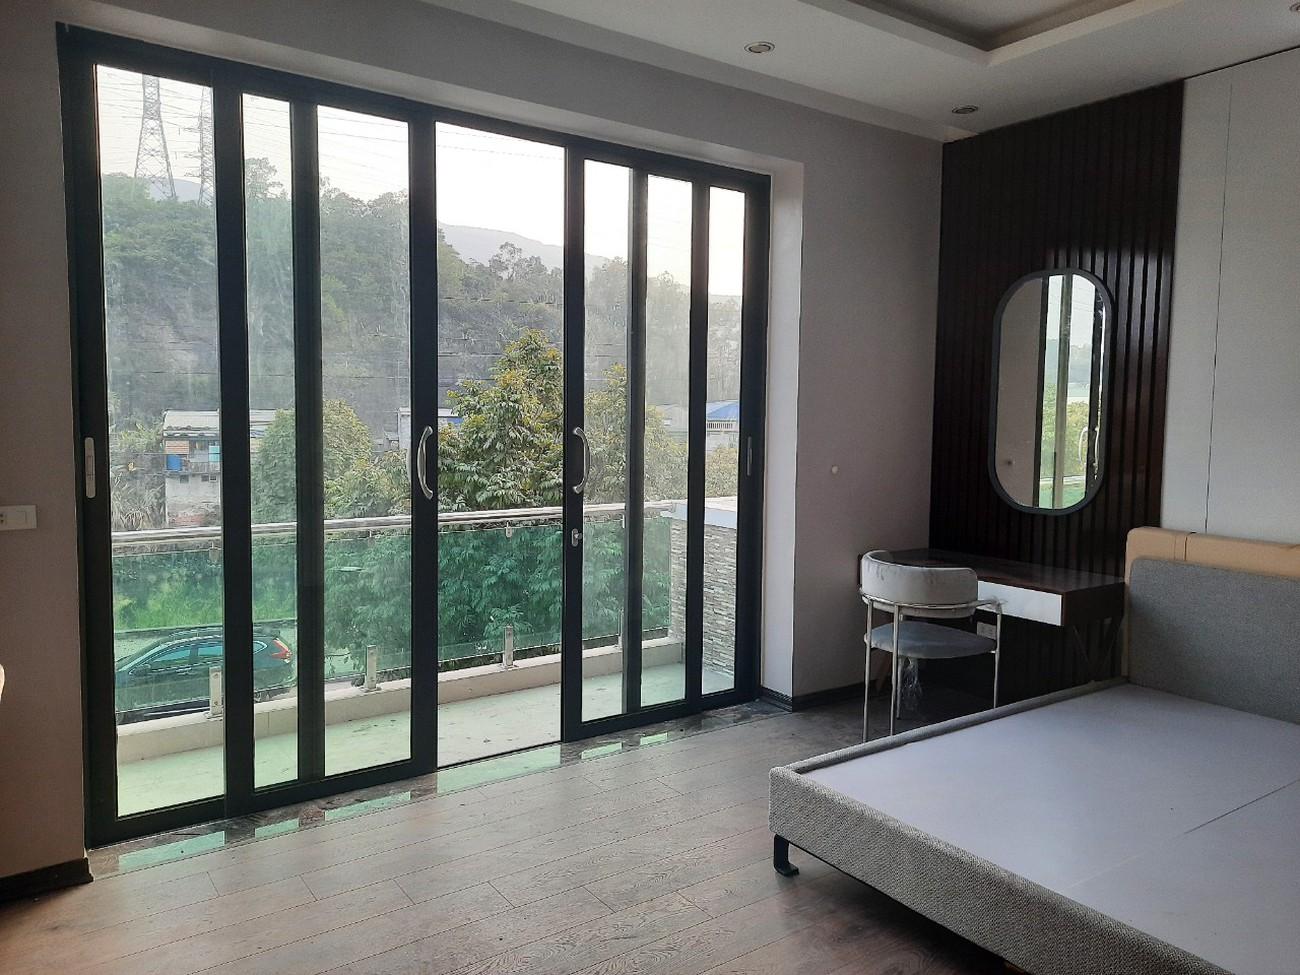 ho-mshangs-house-in-quang-ninh-bed-roomjpg-1629794643.jpg